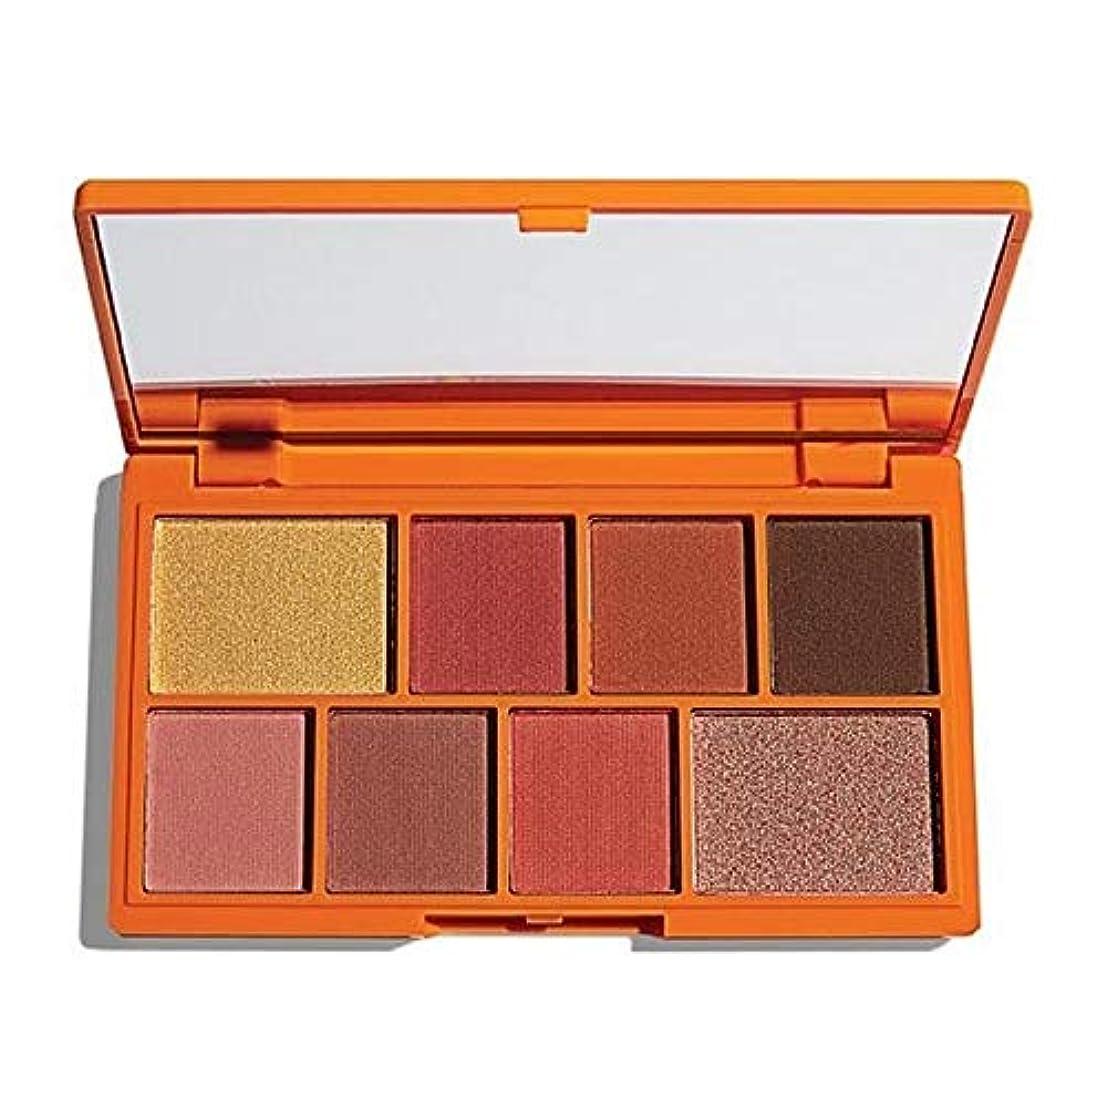 神経衰弱対立安全[I Heart Revolution ] 私は心の革命チョコレートオレンジミニアイシャドウパレット - I Heart Revolution Chocolate Orange Mini Eye Shadow Palette [並行輸入品]